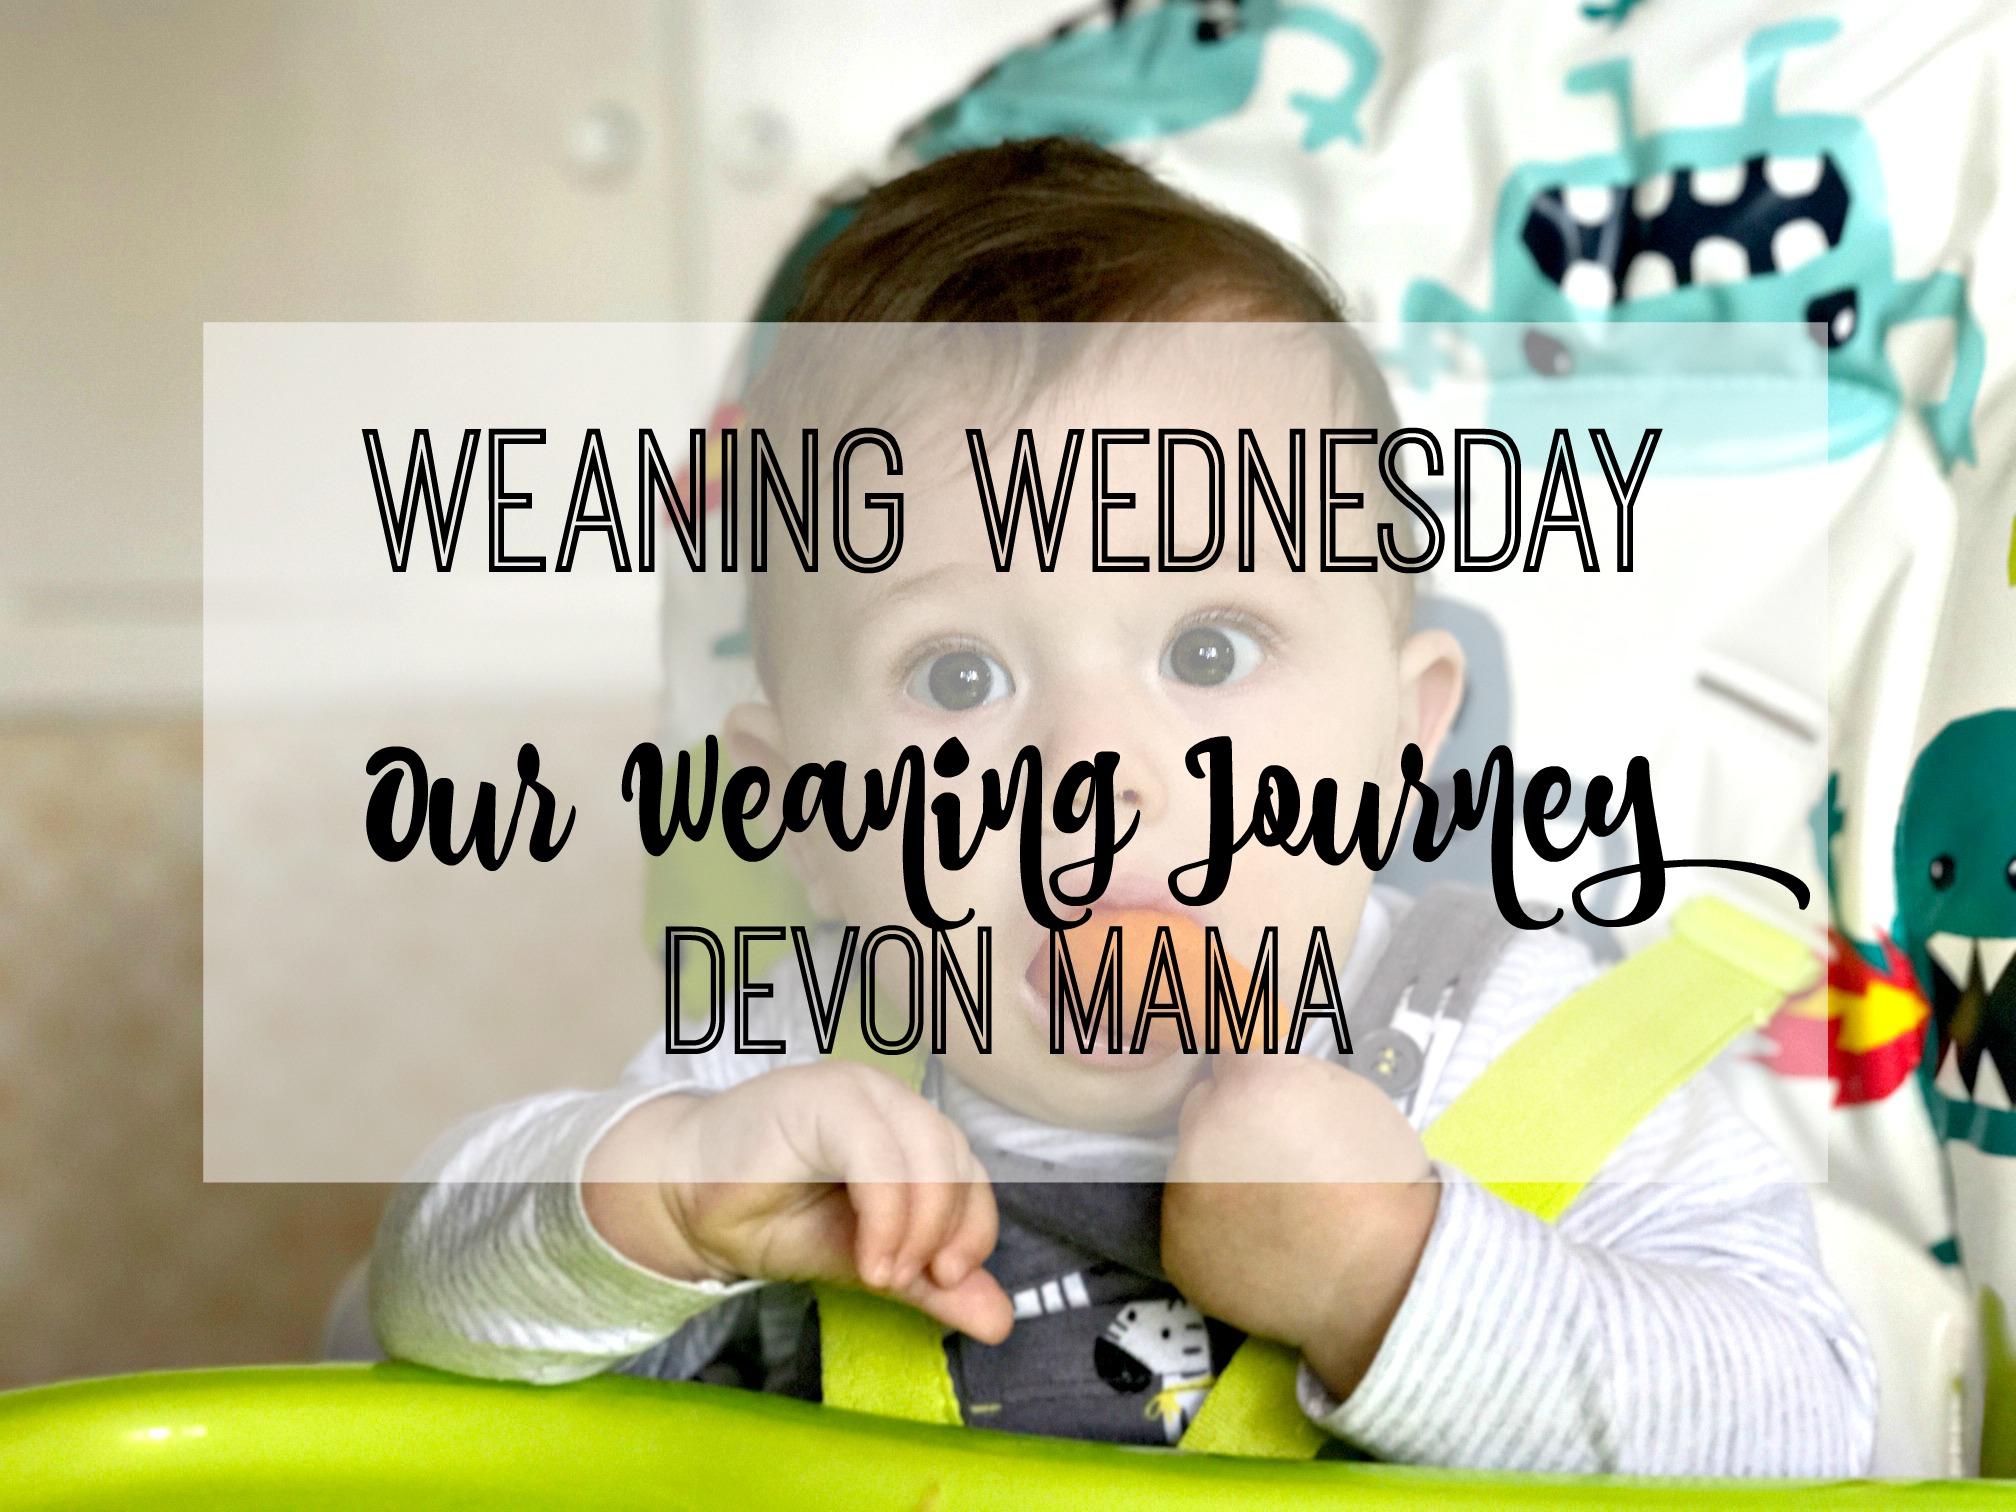 devon mama weaning journey title